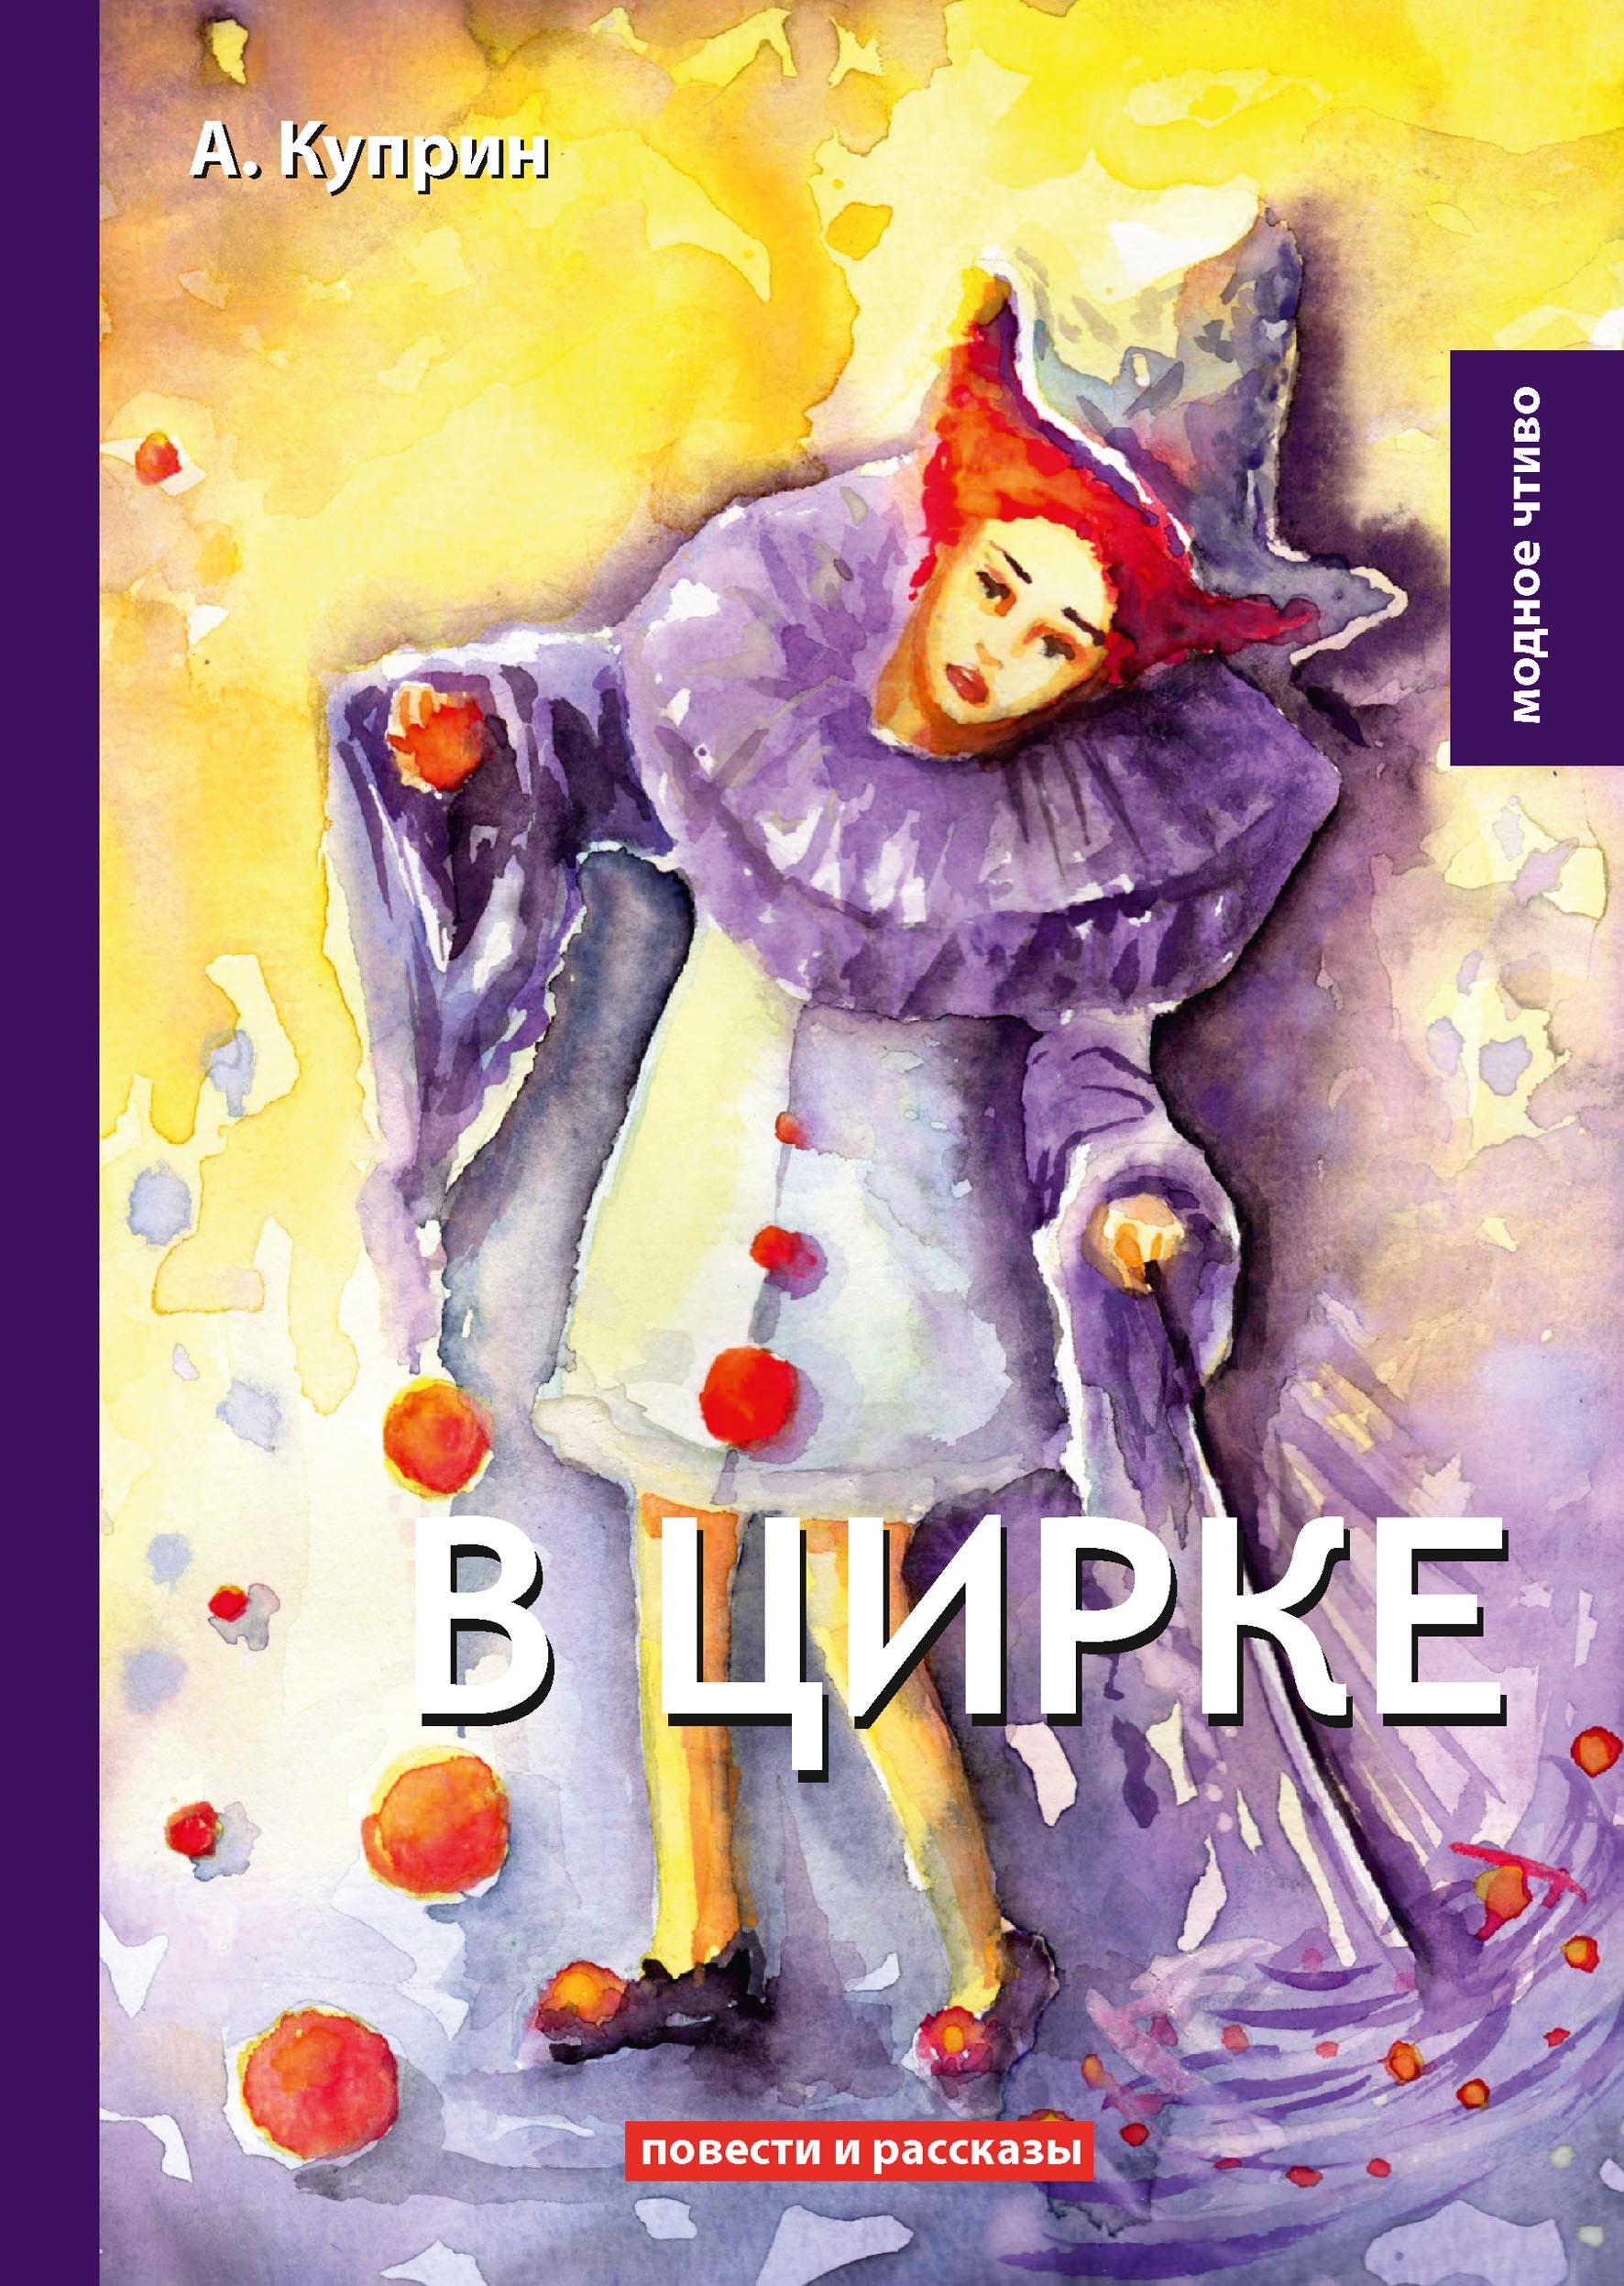 А. Куприн В цирке. Повести и рассказы ISBN: 978-5-521-06508-0 куприн а и повести рассказы том 1